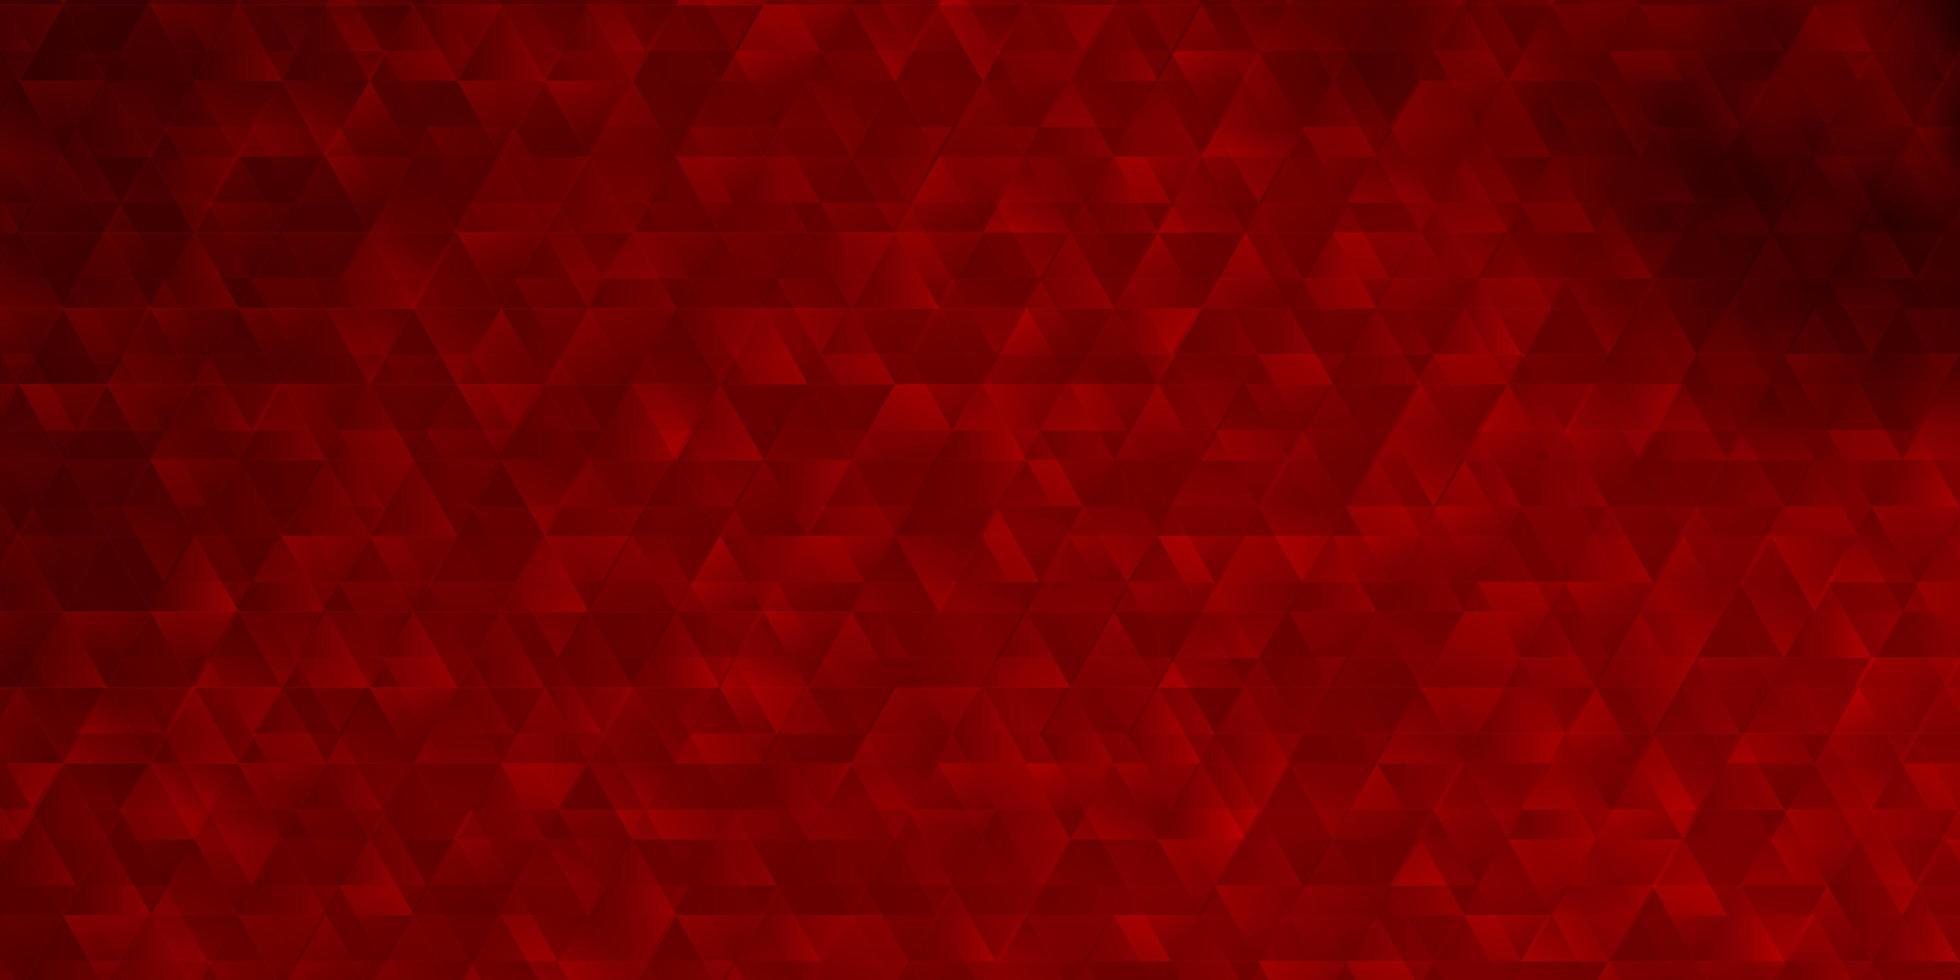 röd mall med trianglar. vektor